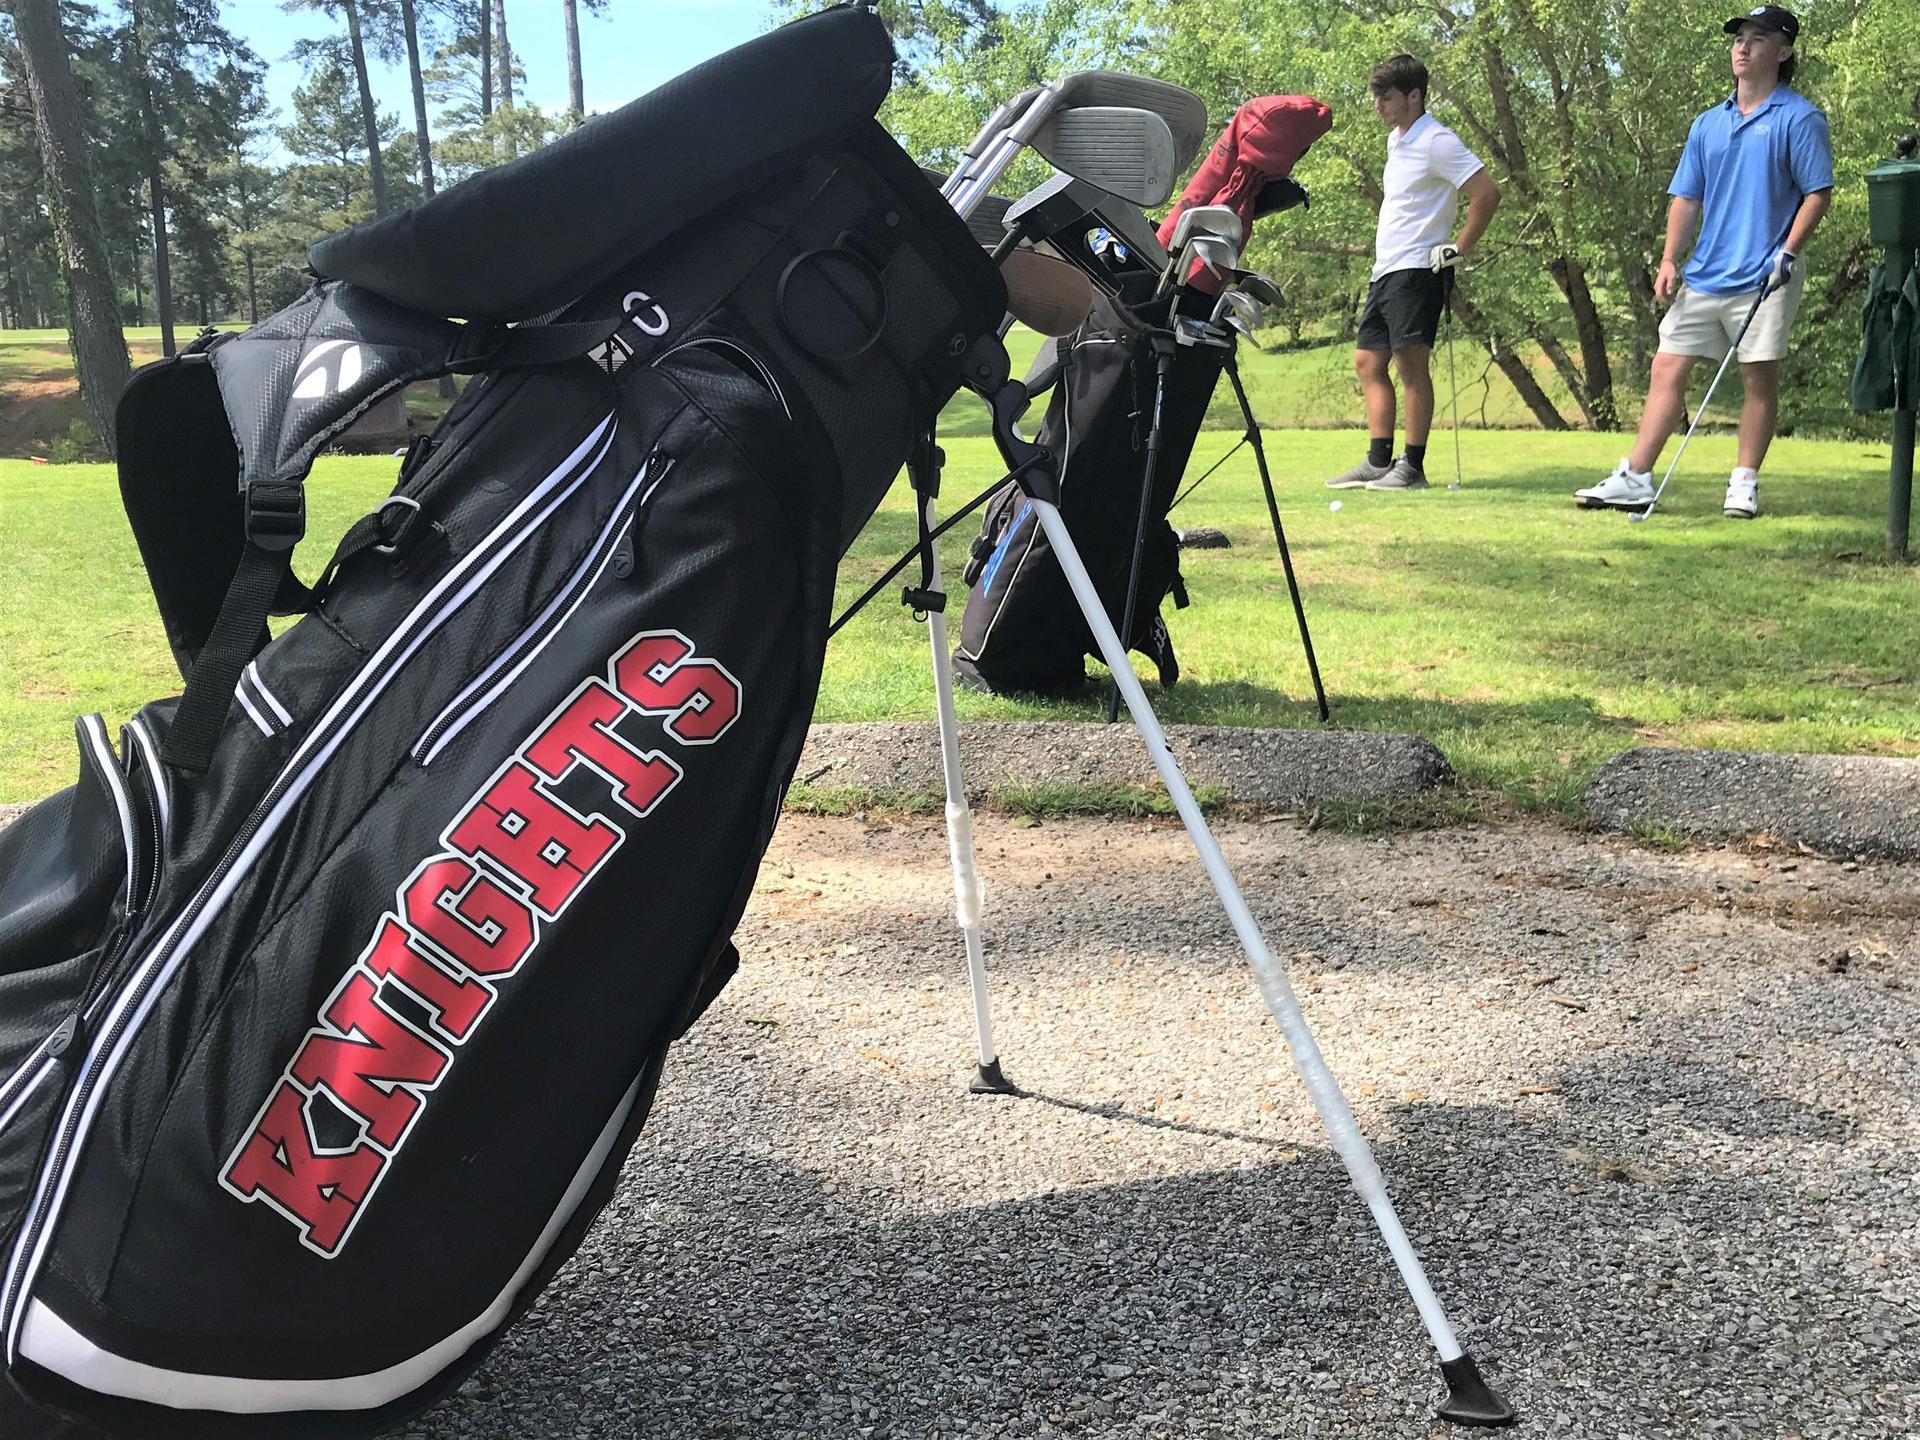 WLHS Golf Bag